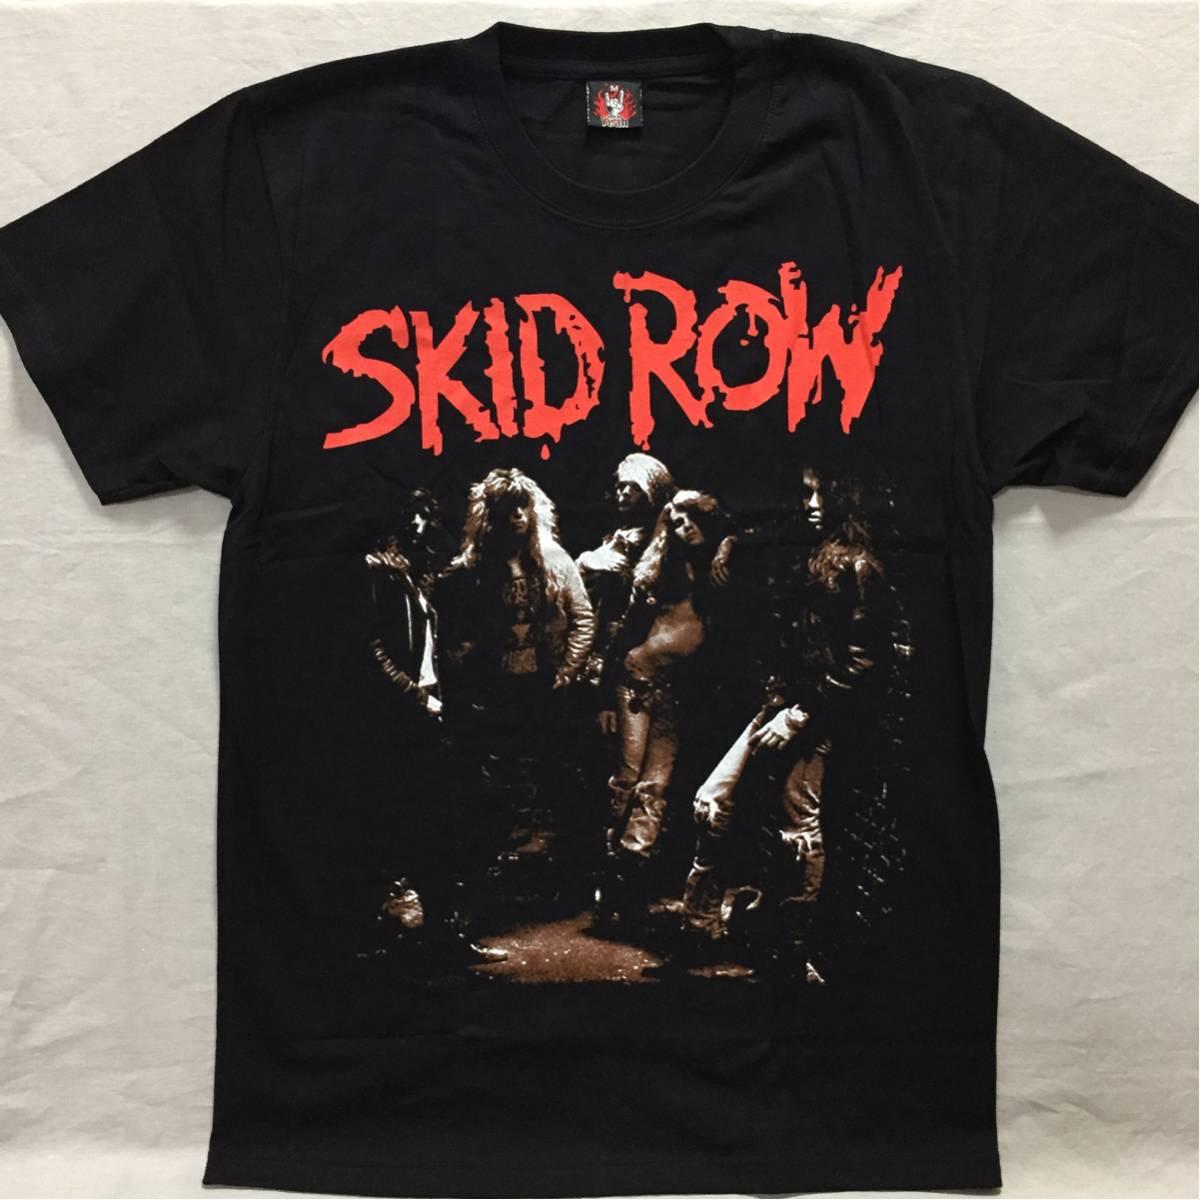 バンドTシャツ スキッド ロー(SKID ROW) 新品 M